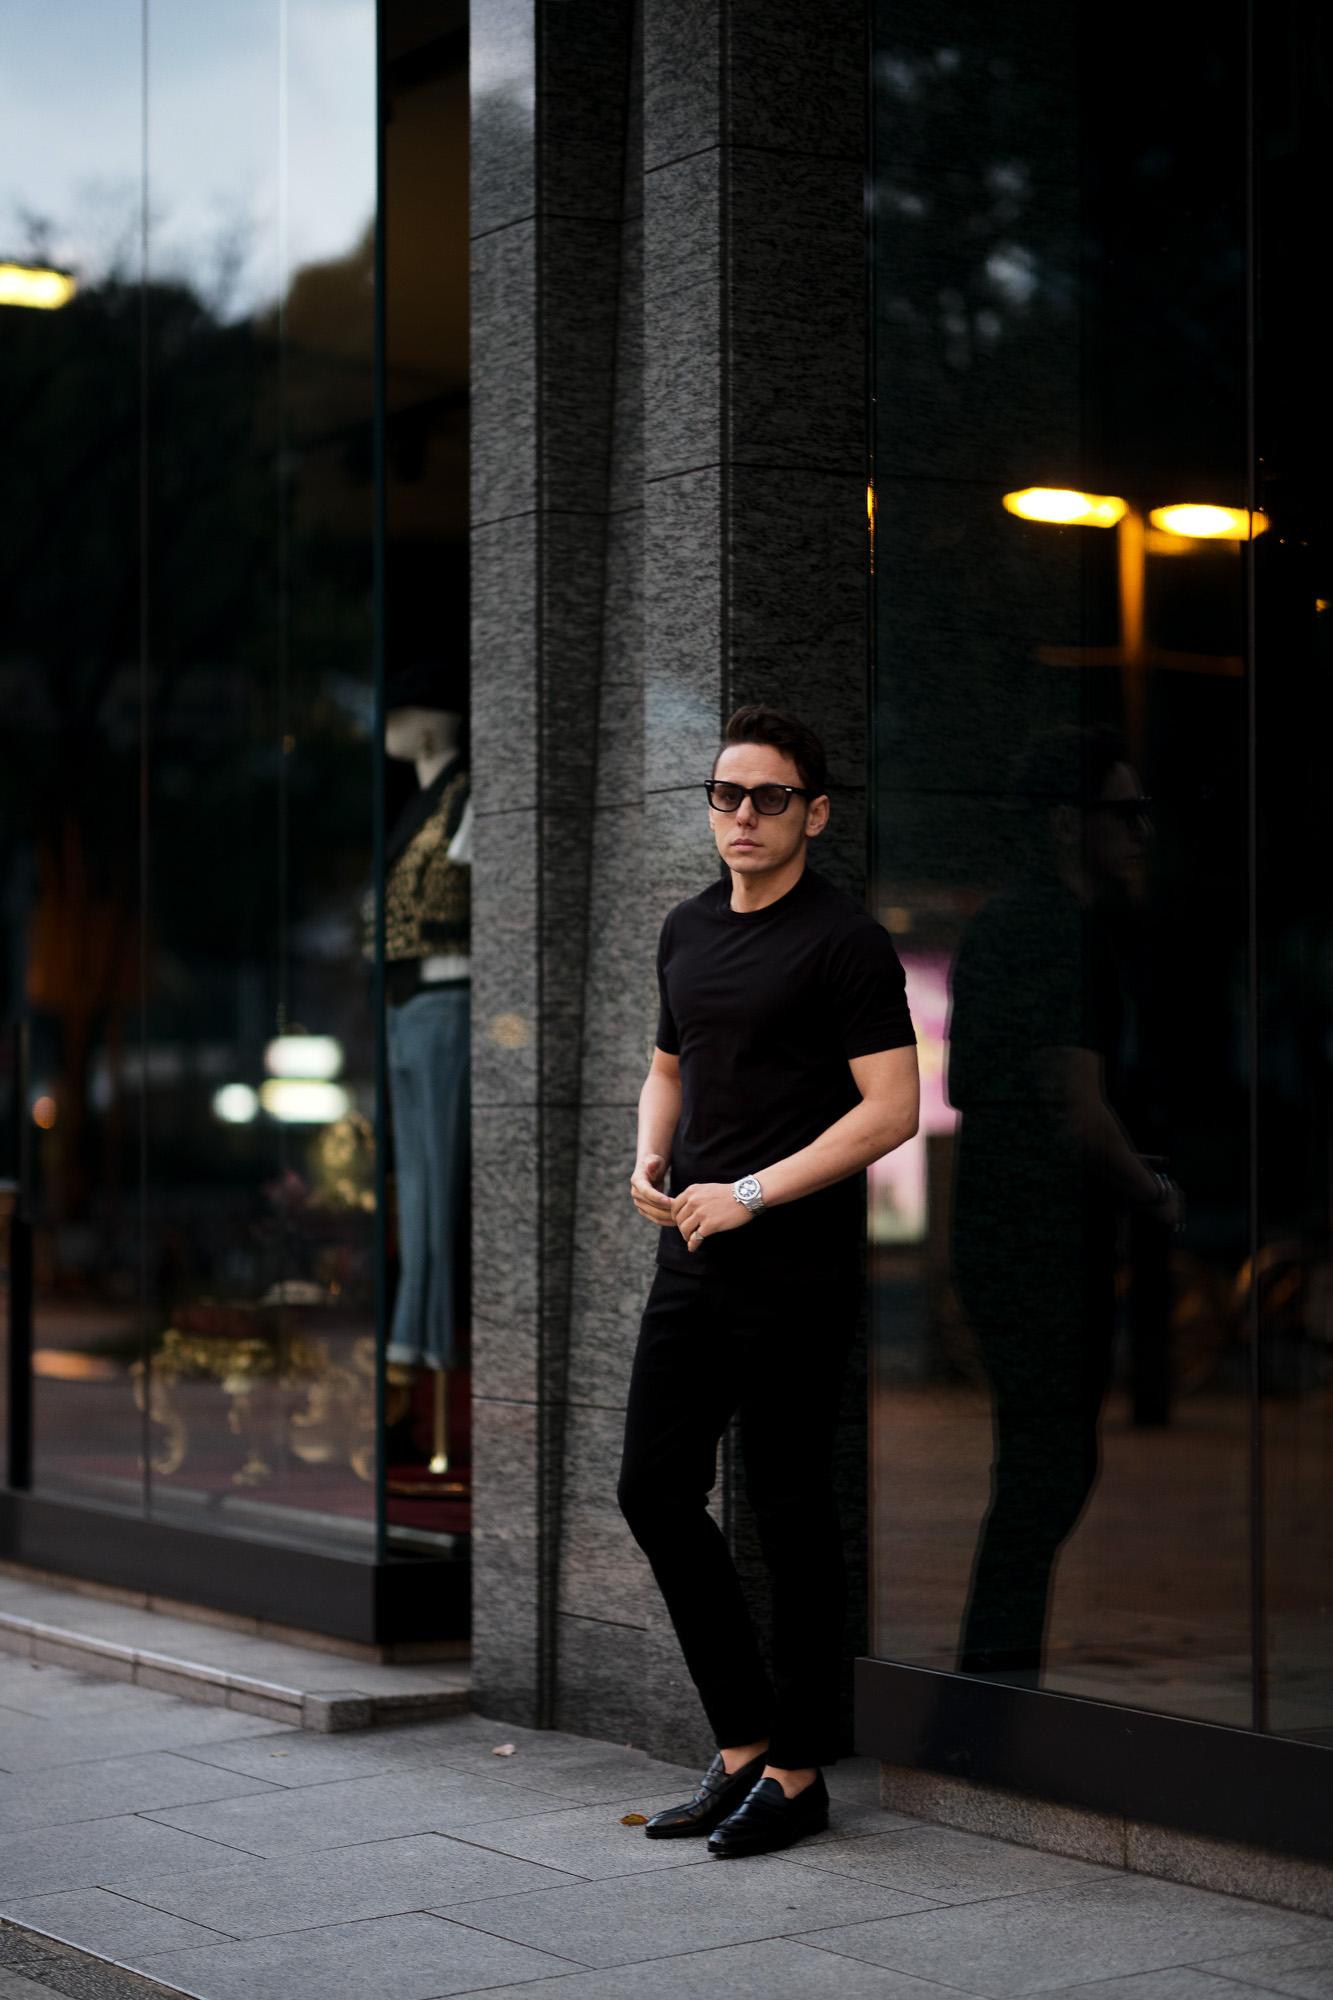 FEDELI(フェデーリ) Crew Neck T-shirt (クルーネック Tシャツ) ギザコットン Tシャツ BLACK (ブラック・36) made in italy (イタリア製) 2021 春夏 【ご予約開始】愛知 名古屋 altoediritto アルトエデリット TEE